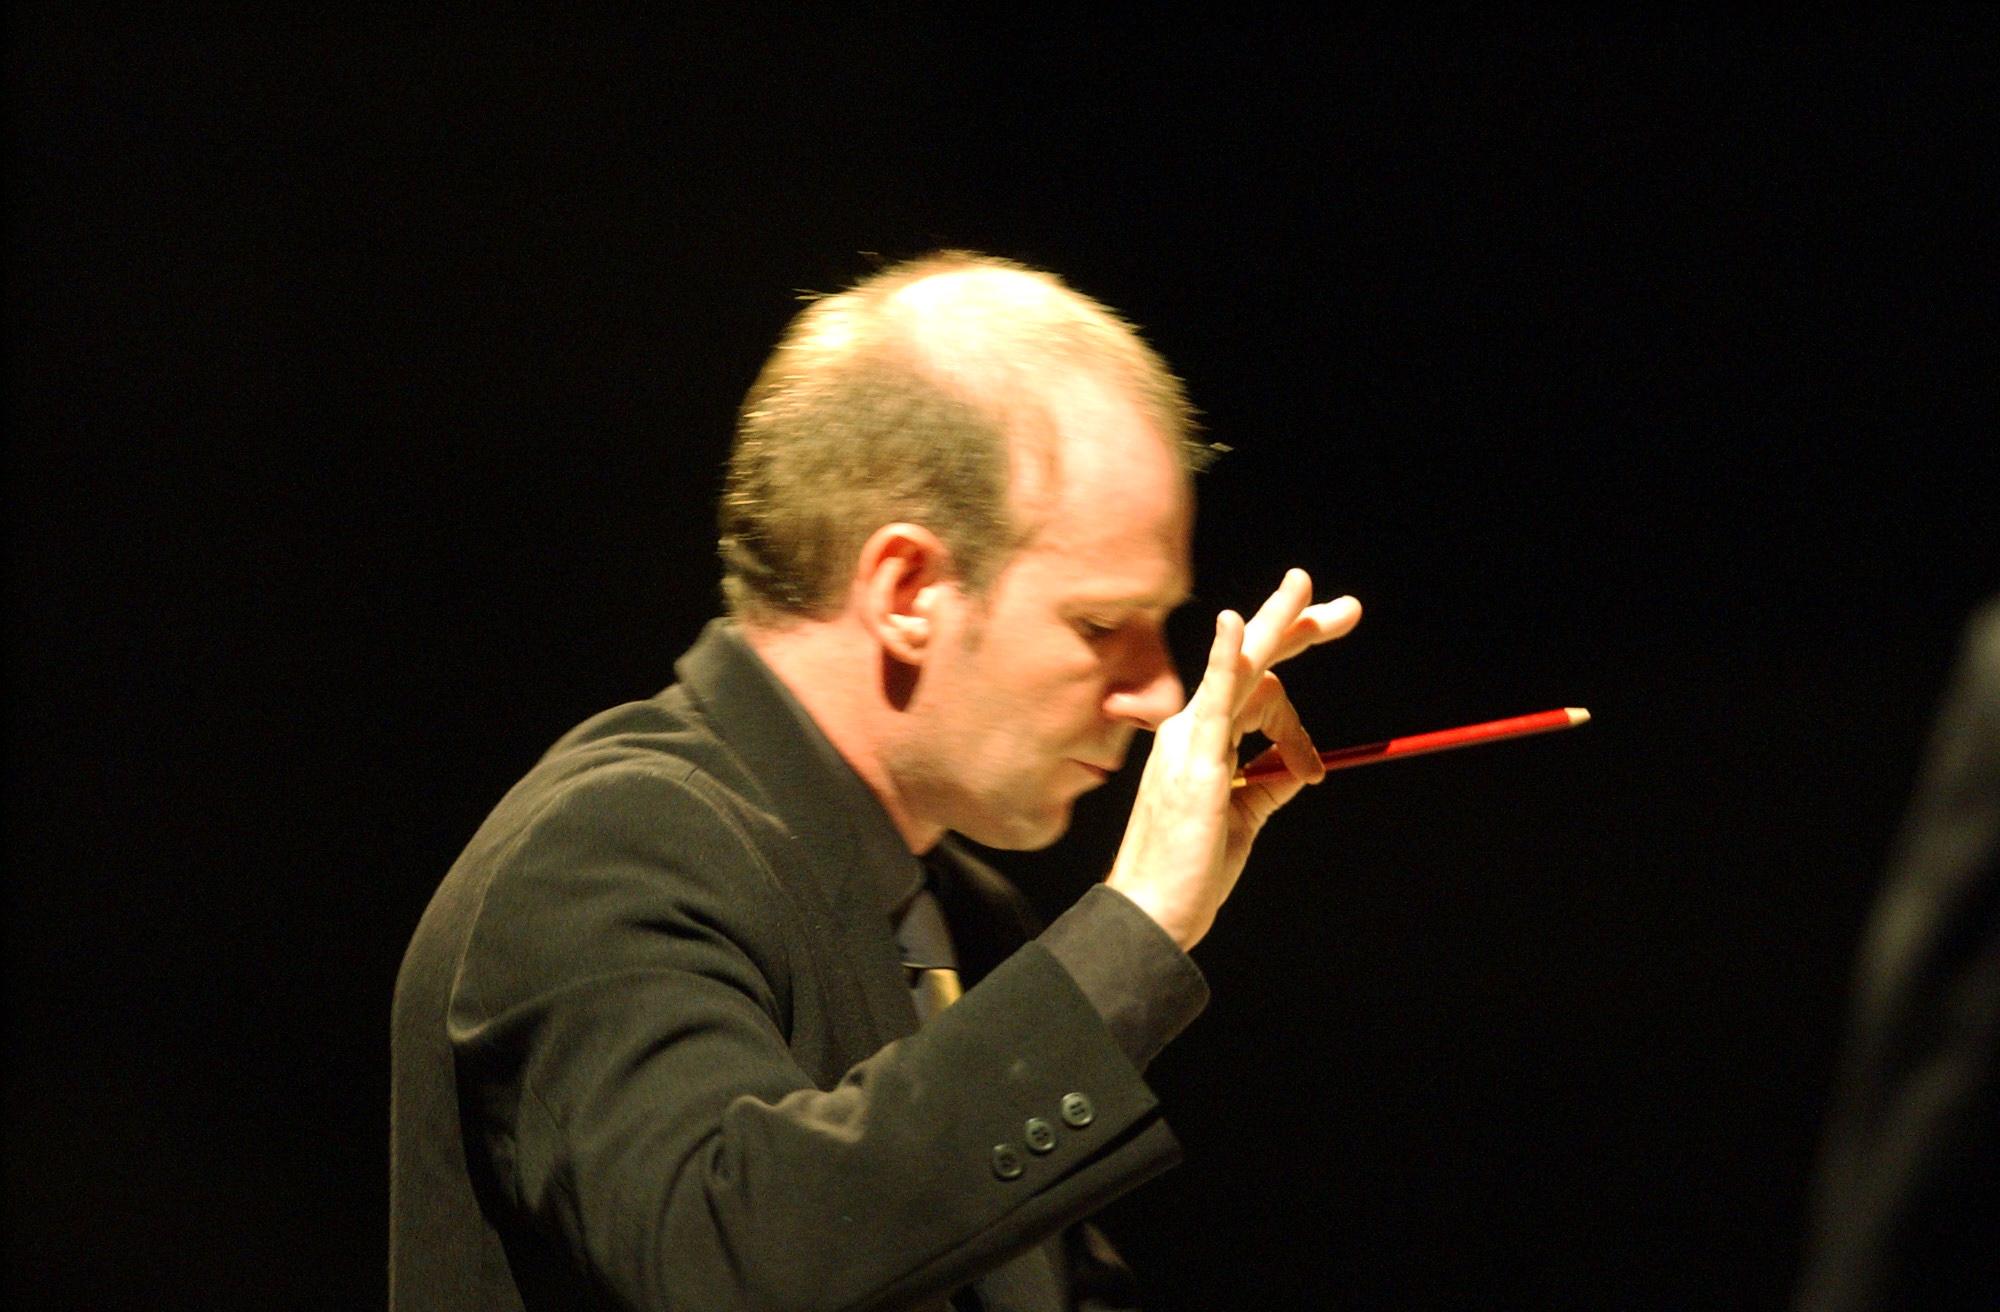 Joel Suhubiette